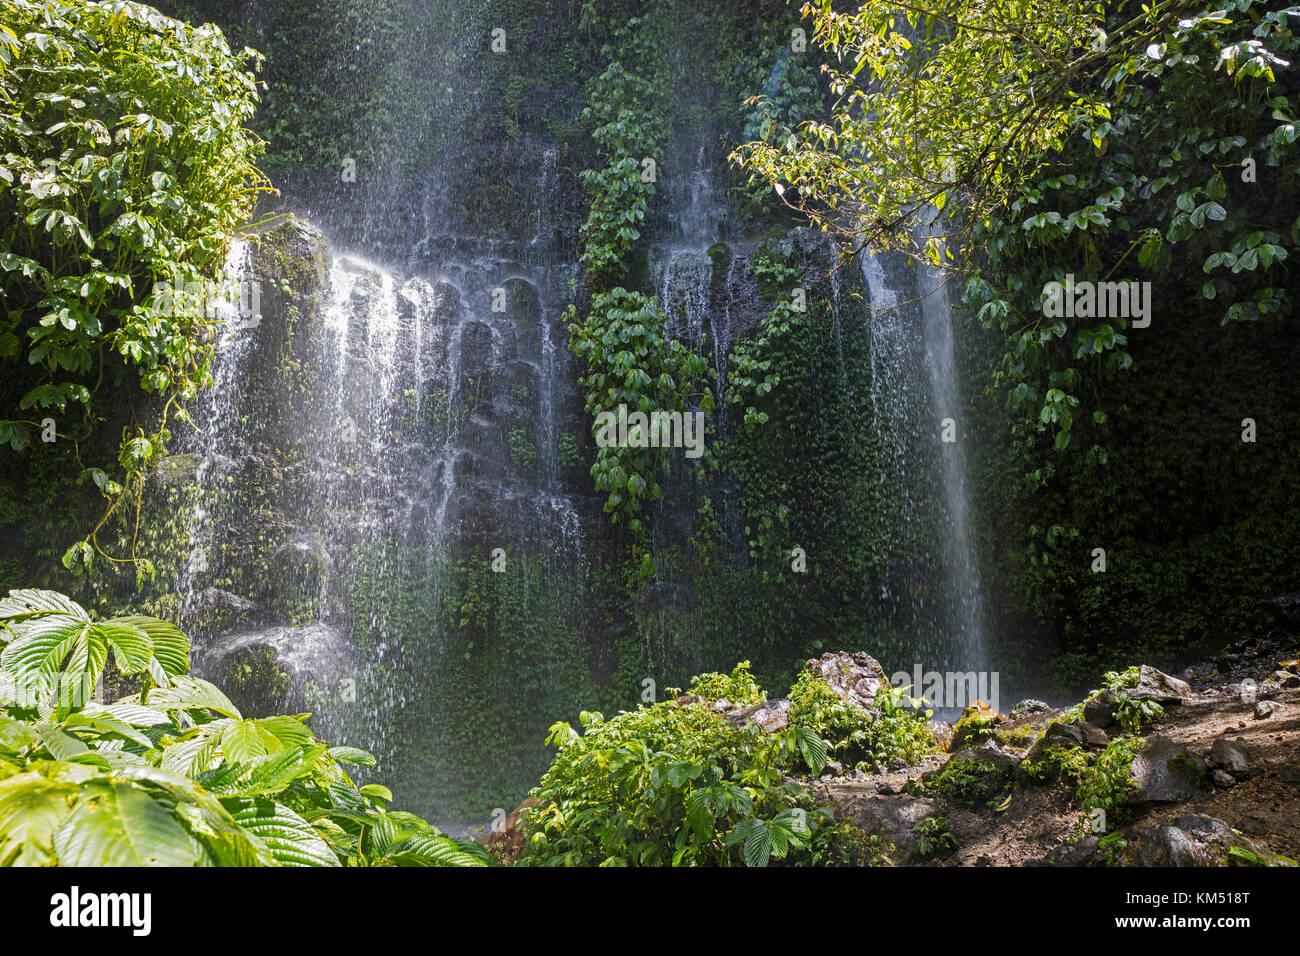 Benang kelambu cascada en el bosque tropical cerca de la aldea de aik berik, norte, central batukliang Lombok, Indonesia Imagen De Stock